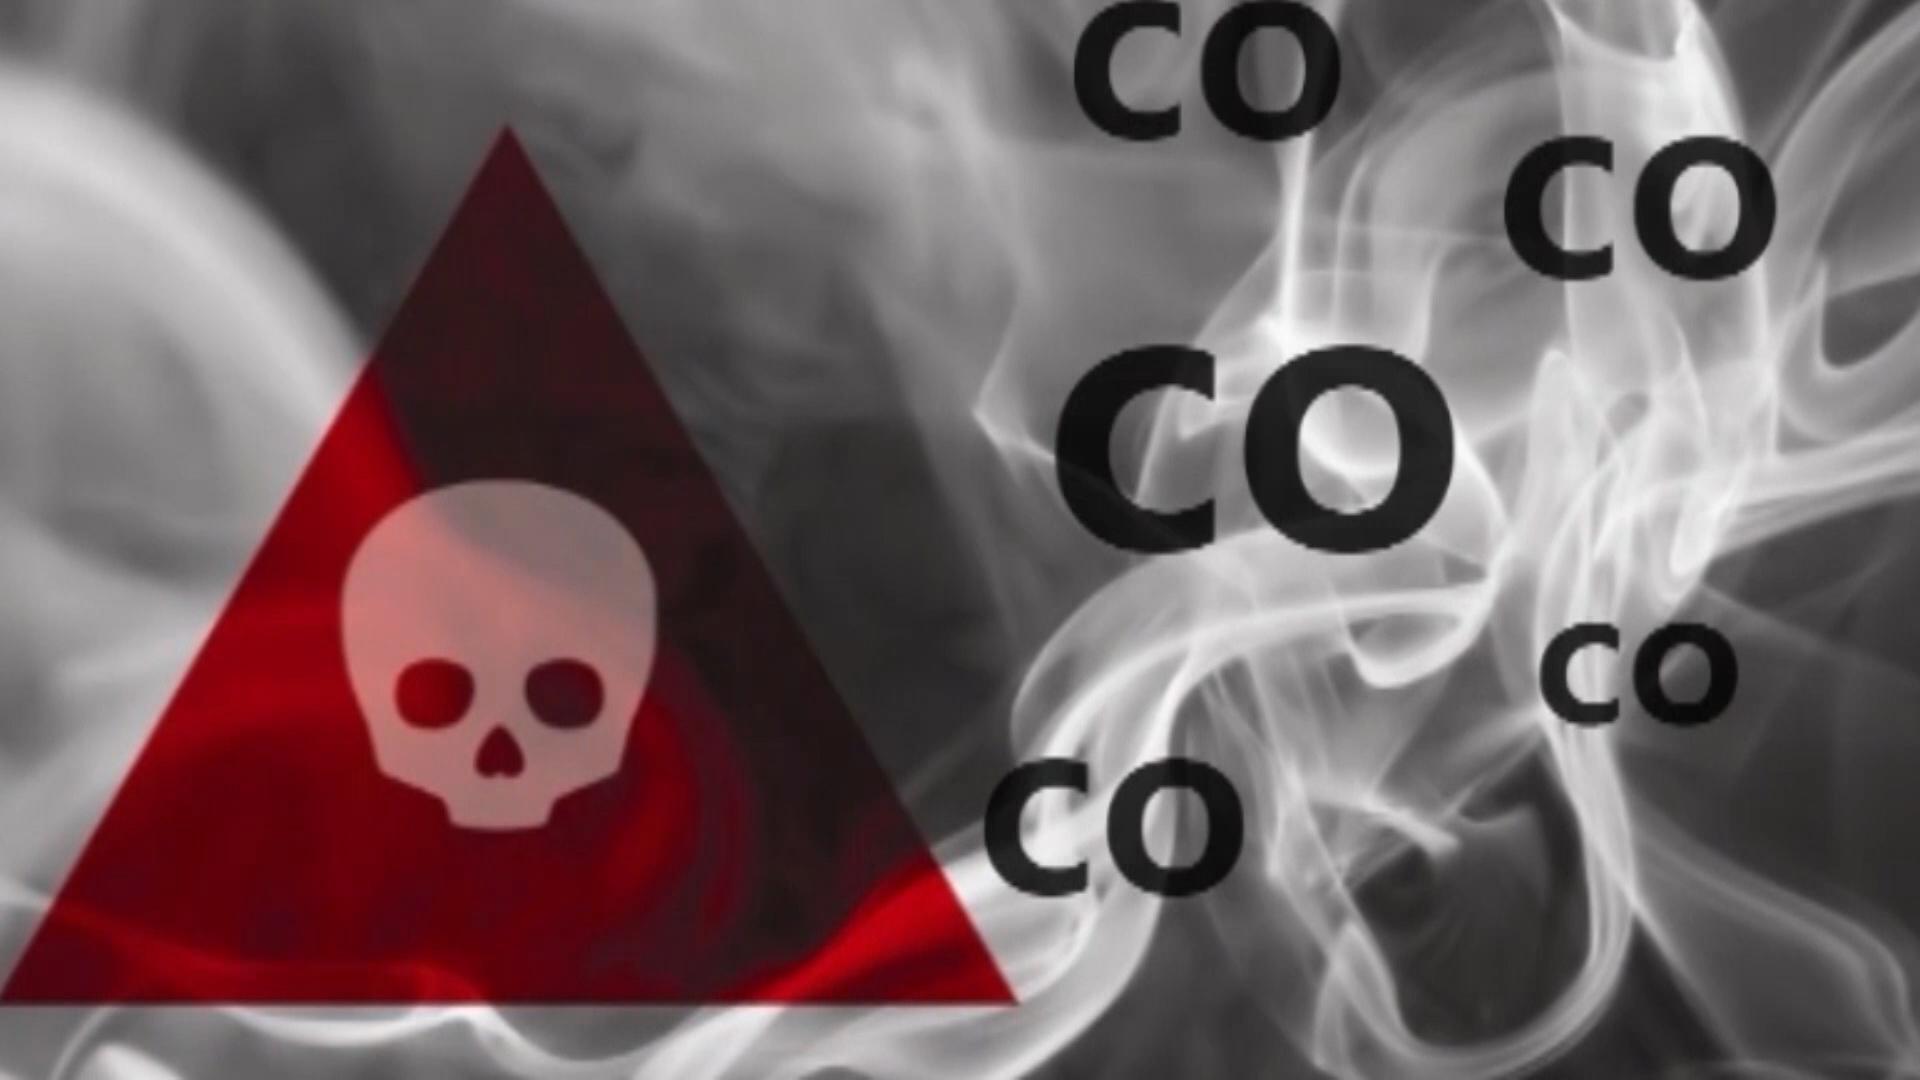 مونوکسیدکربن ۴ اردبیلی دیگر را روانه بیمارستان کرد